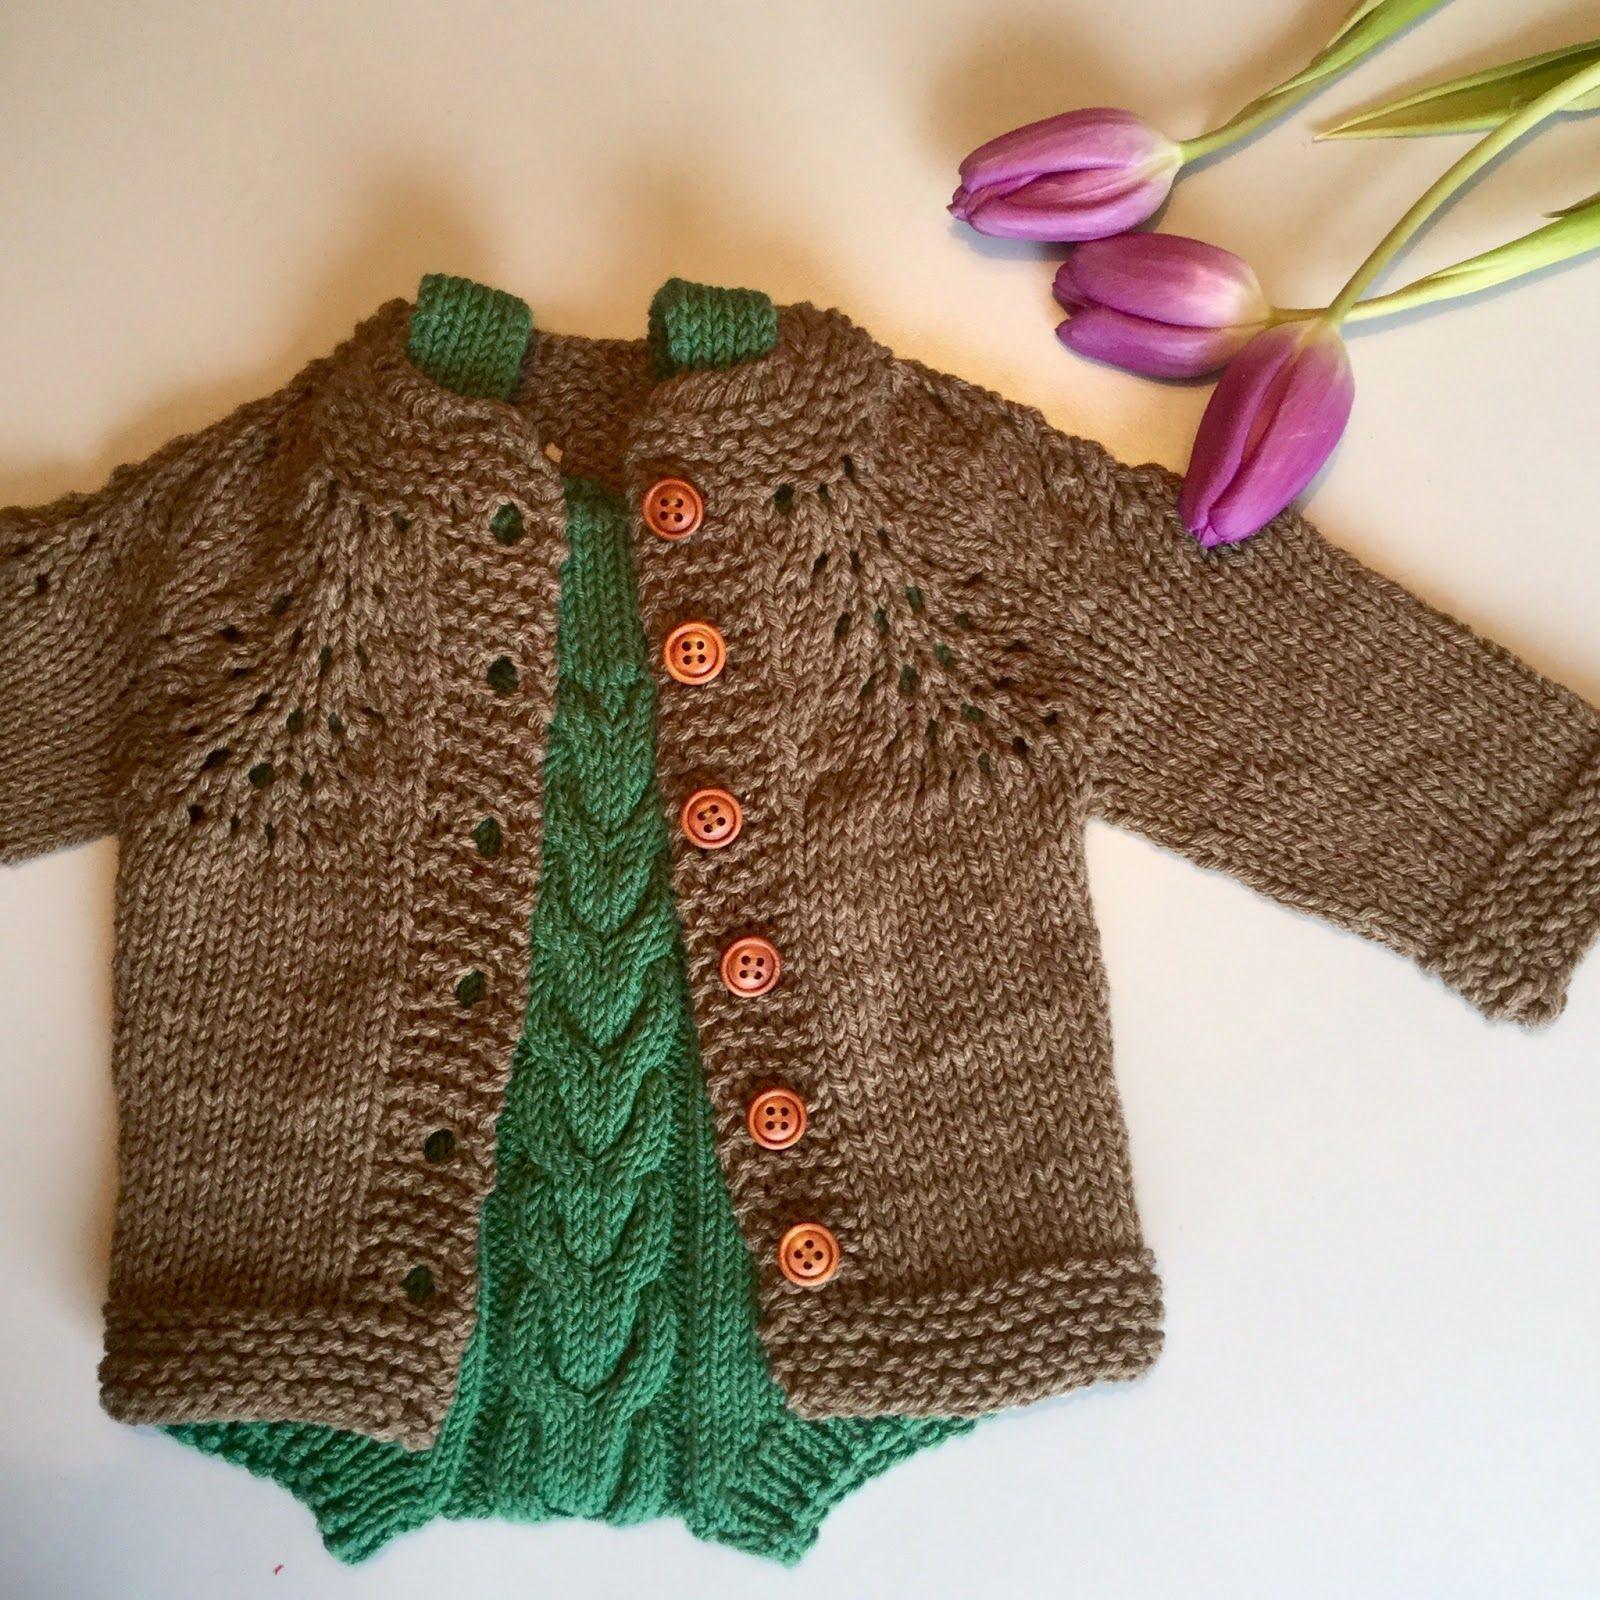 Knitmandu: Baby knits